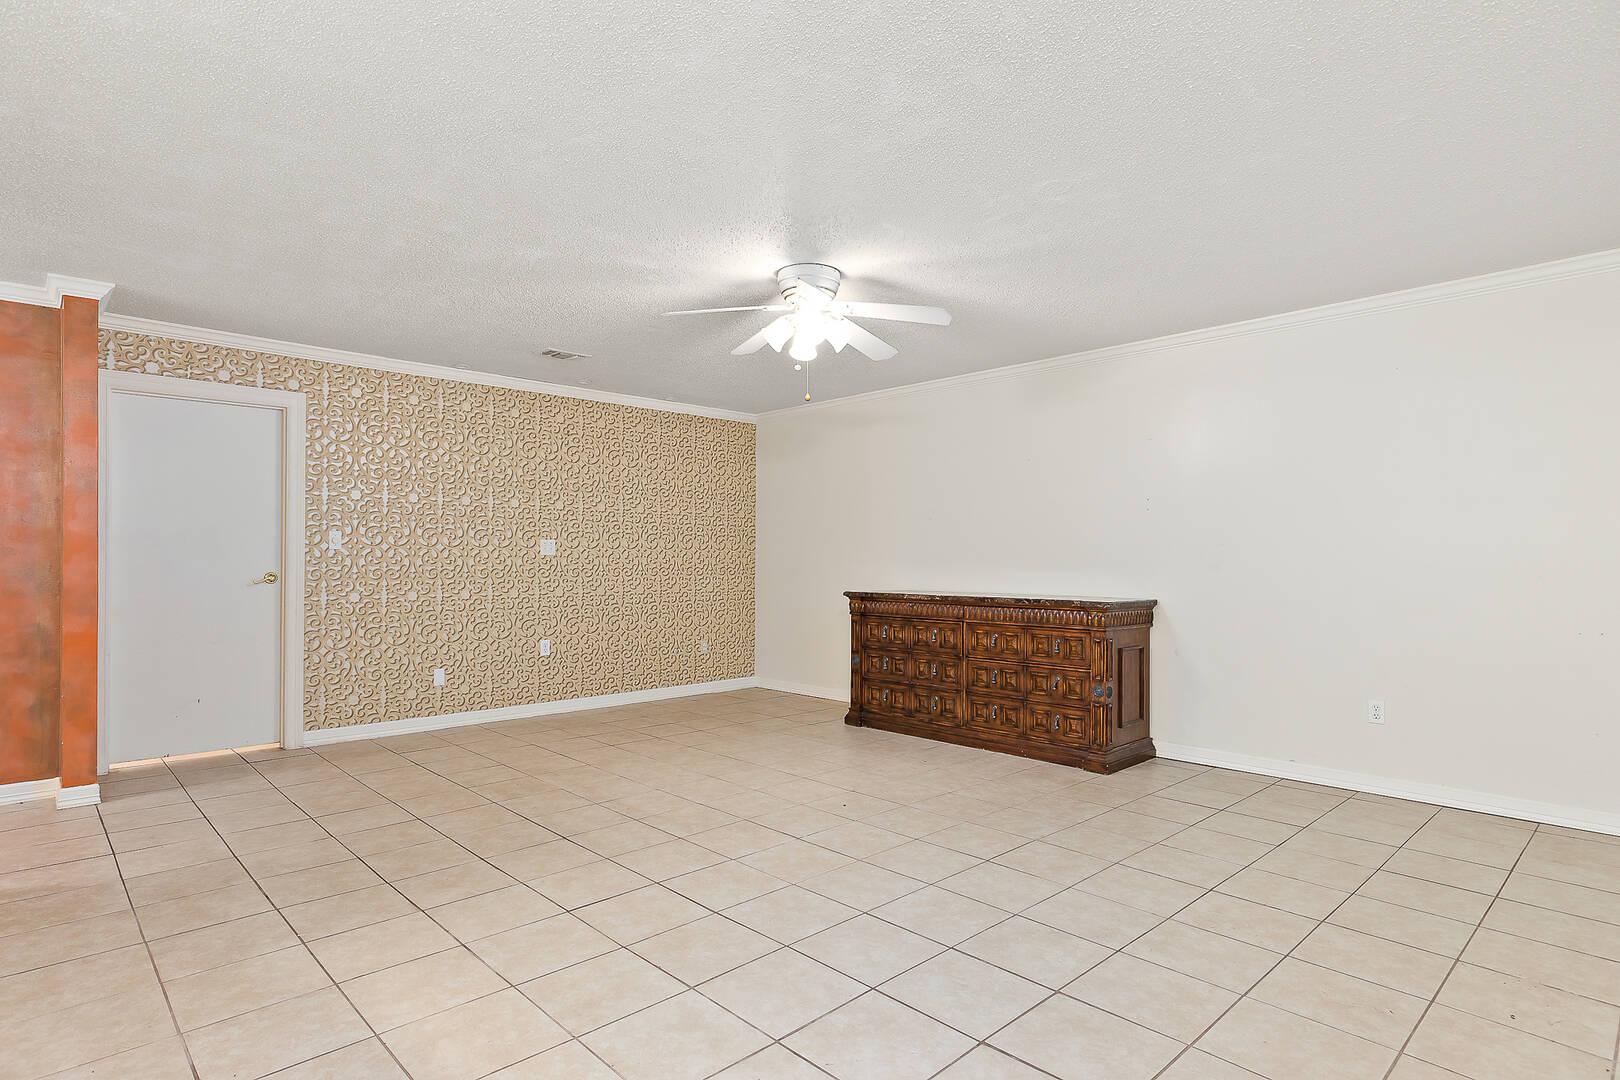 700 W. Fern Ave. #17 Mcallen, TX 78501